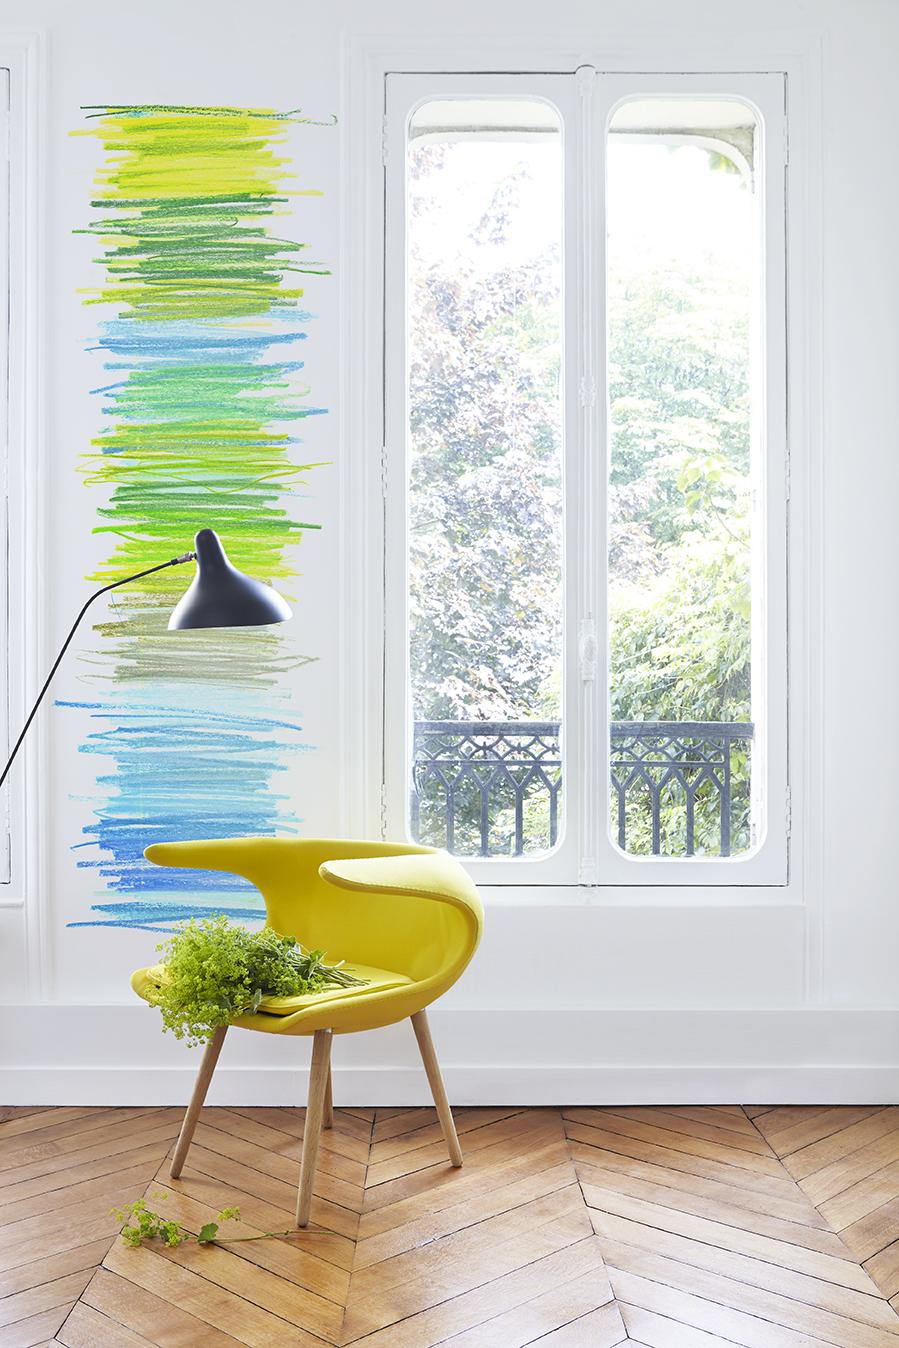 couleurs en t et pour la rentr e parisienne paris choses vues paris. Black Bedroom Furniture Sets. Home Design Ideas